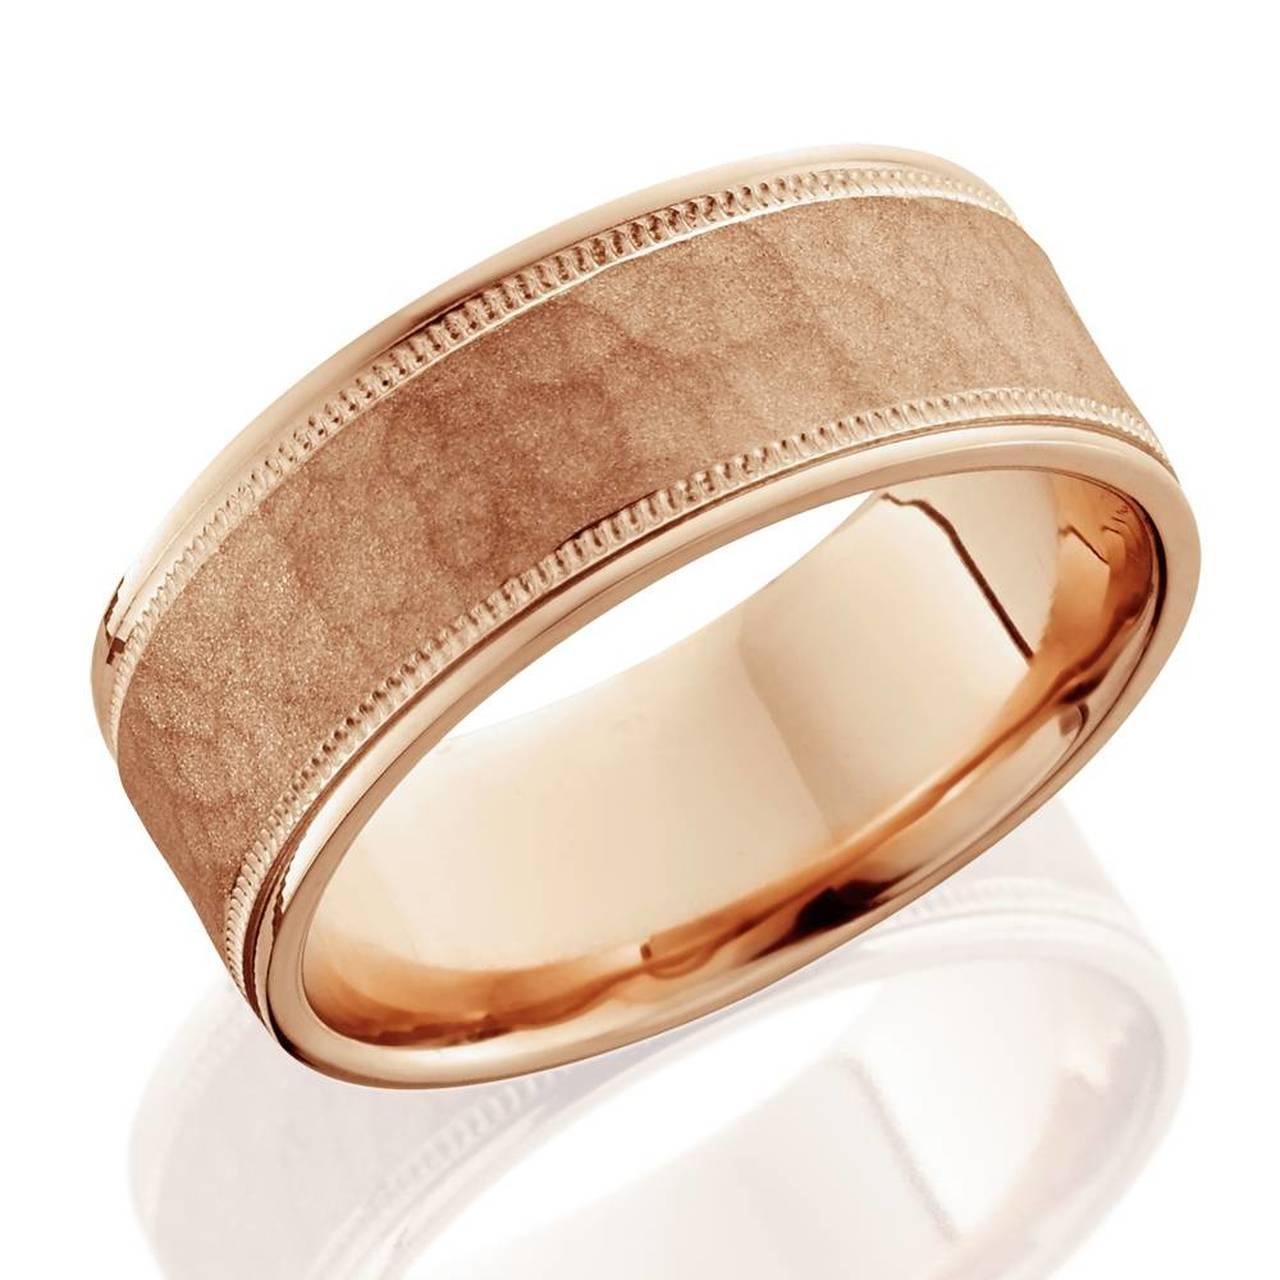 8mm Hammered Mens Wedding Band 14k Rose Gold Ebay